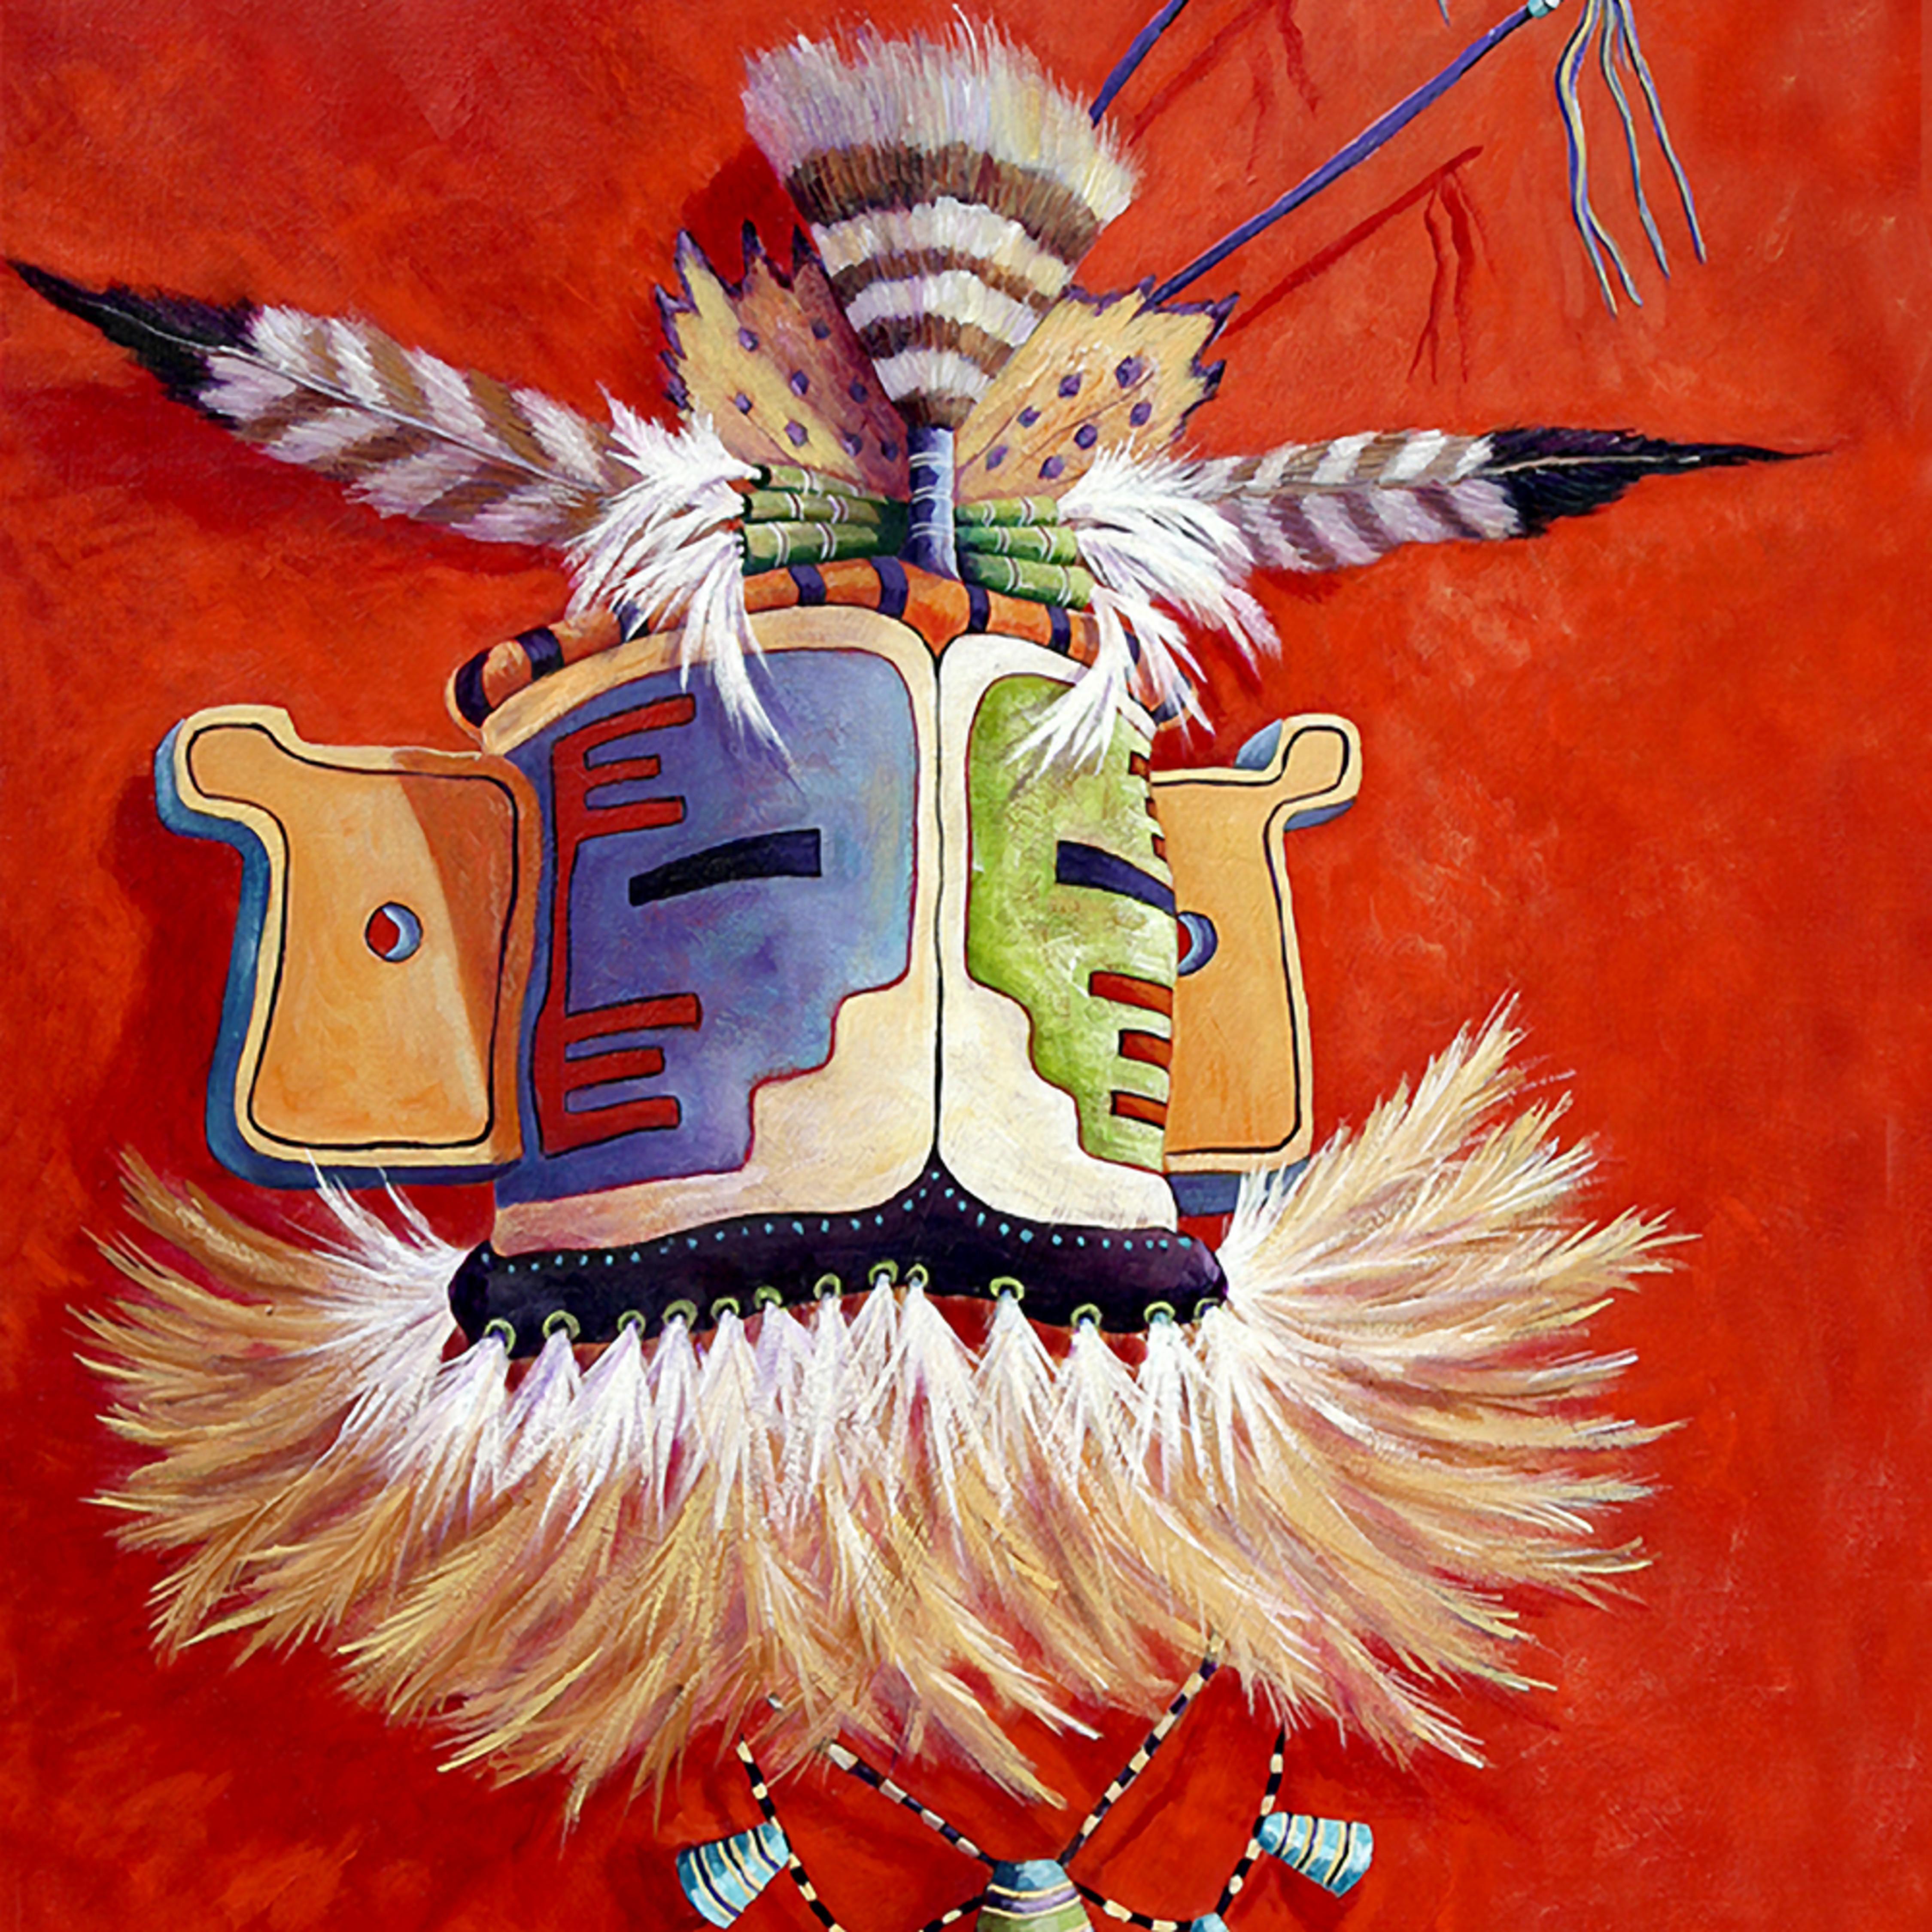 Hopi ceremonial mask gfpka9